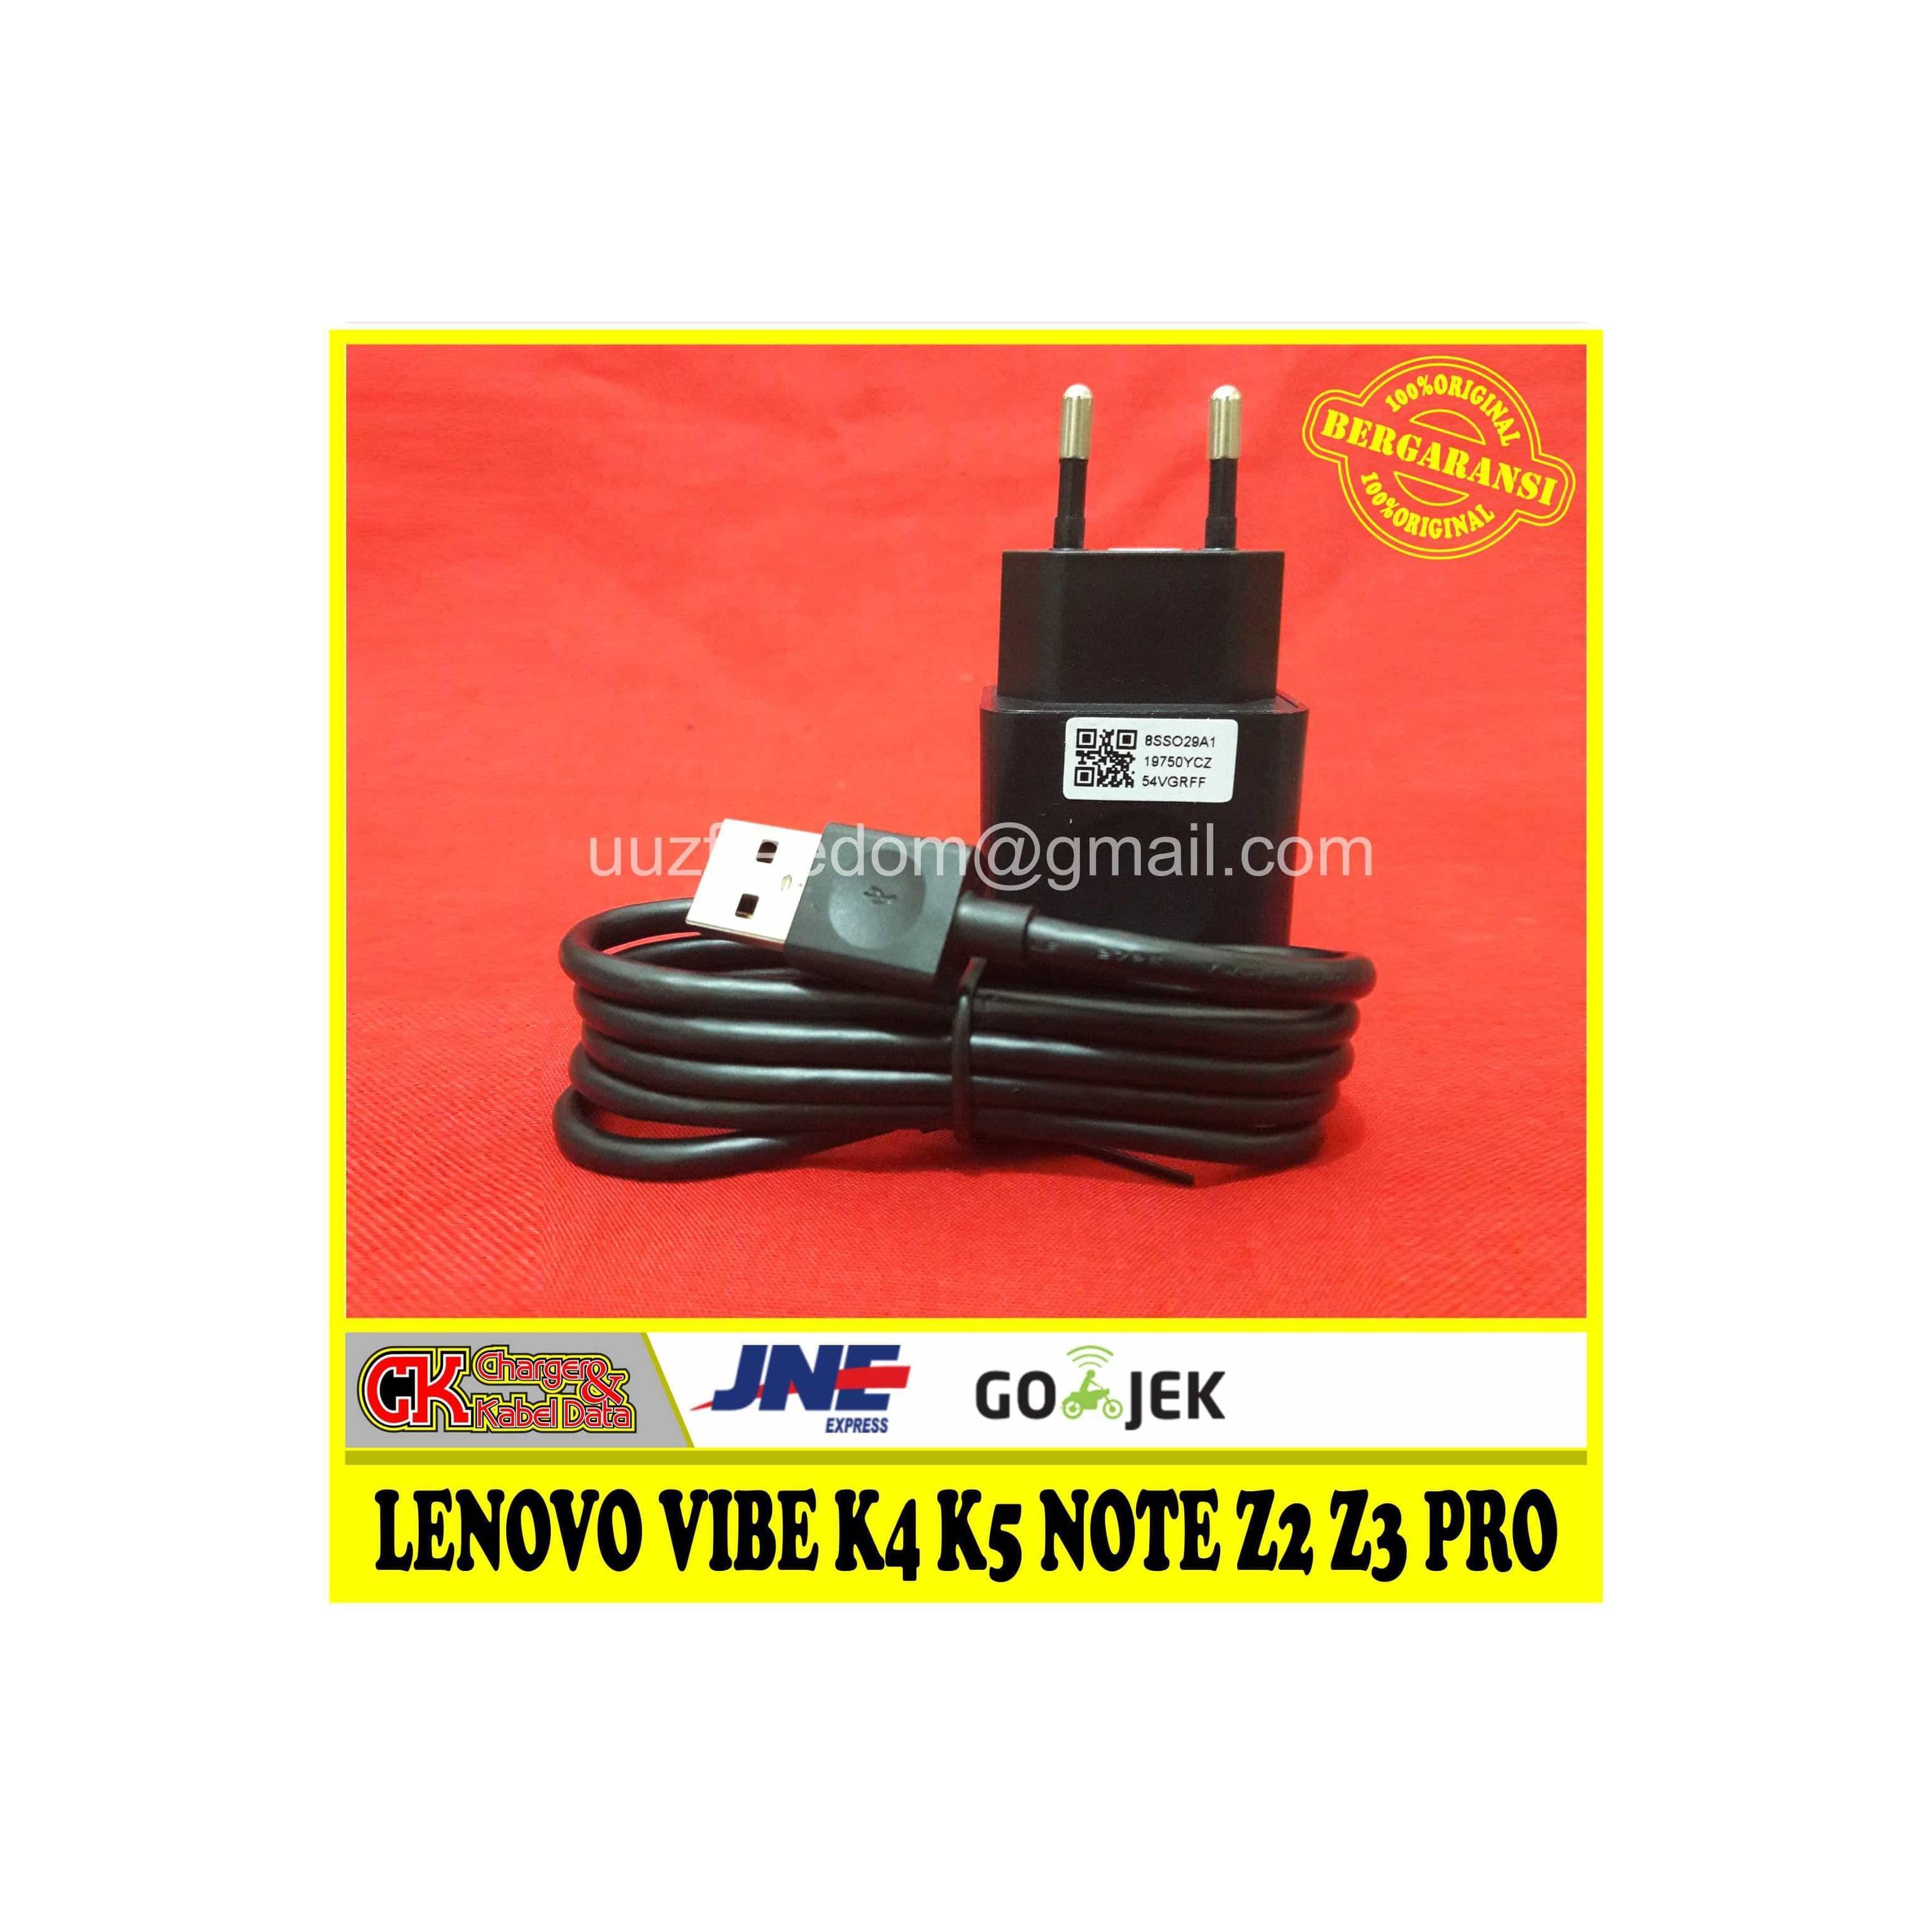 Charger LENOVO VIBE K4 K5 NOTE Z2 Z3 Pro ORIGINAL 100% 5V-2A (C-P32)